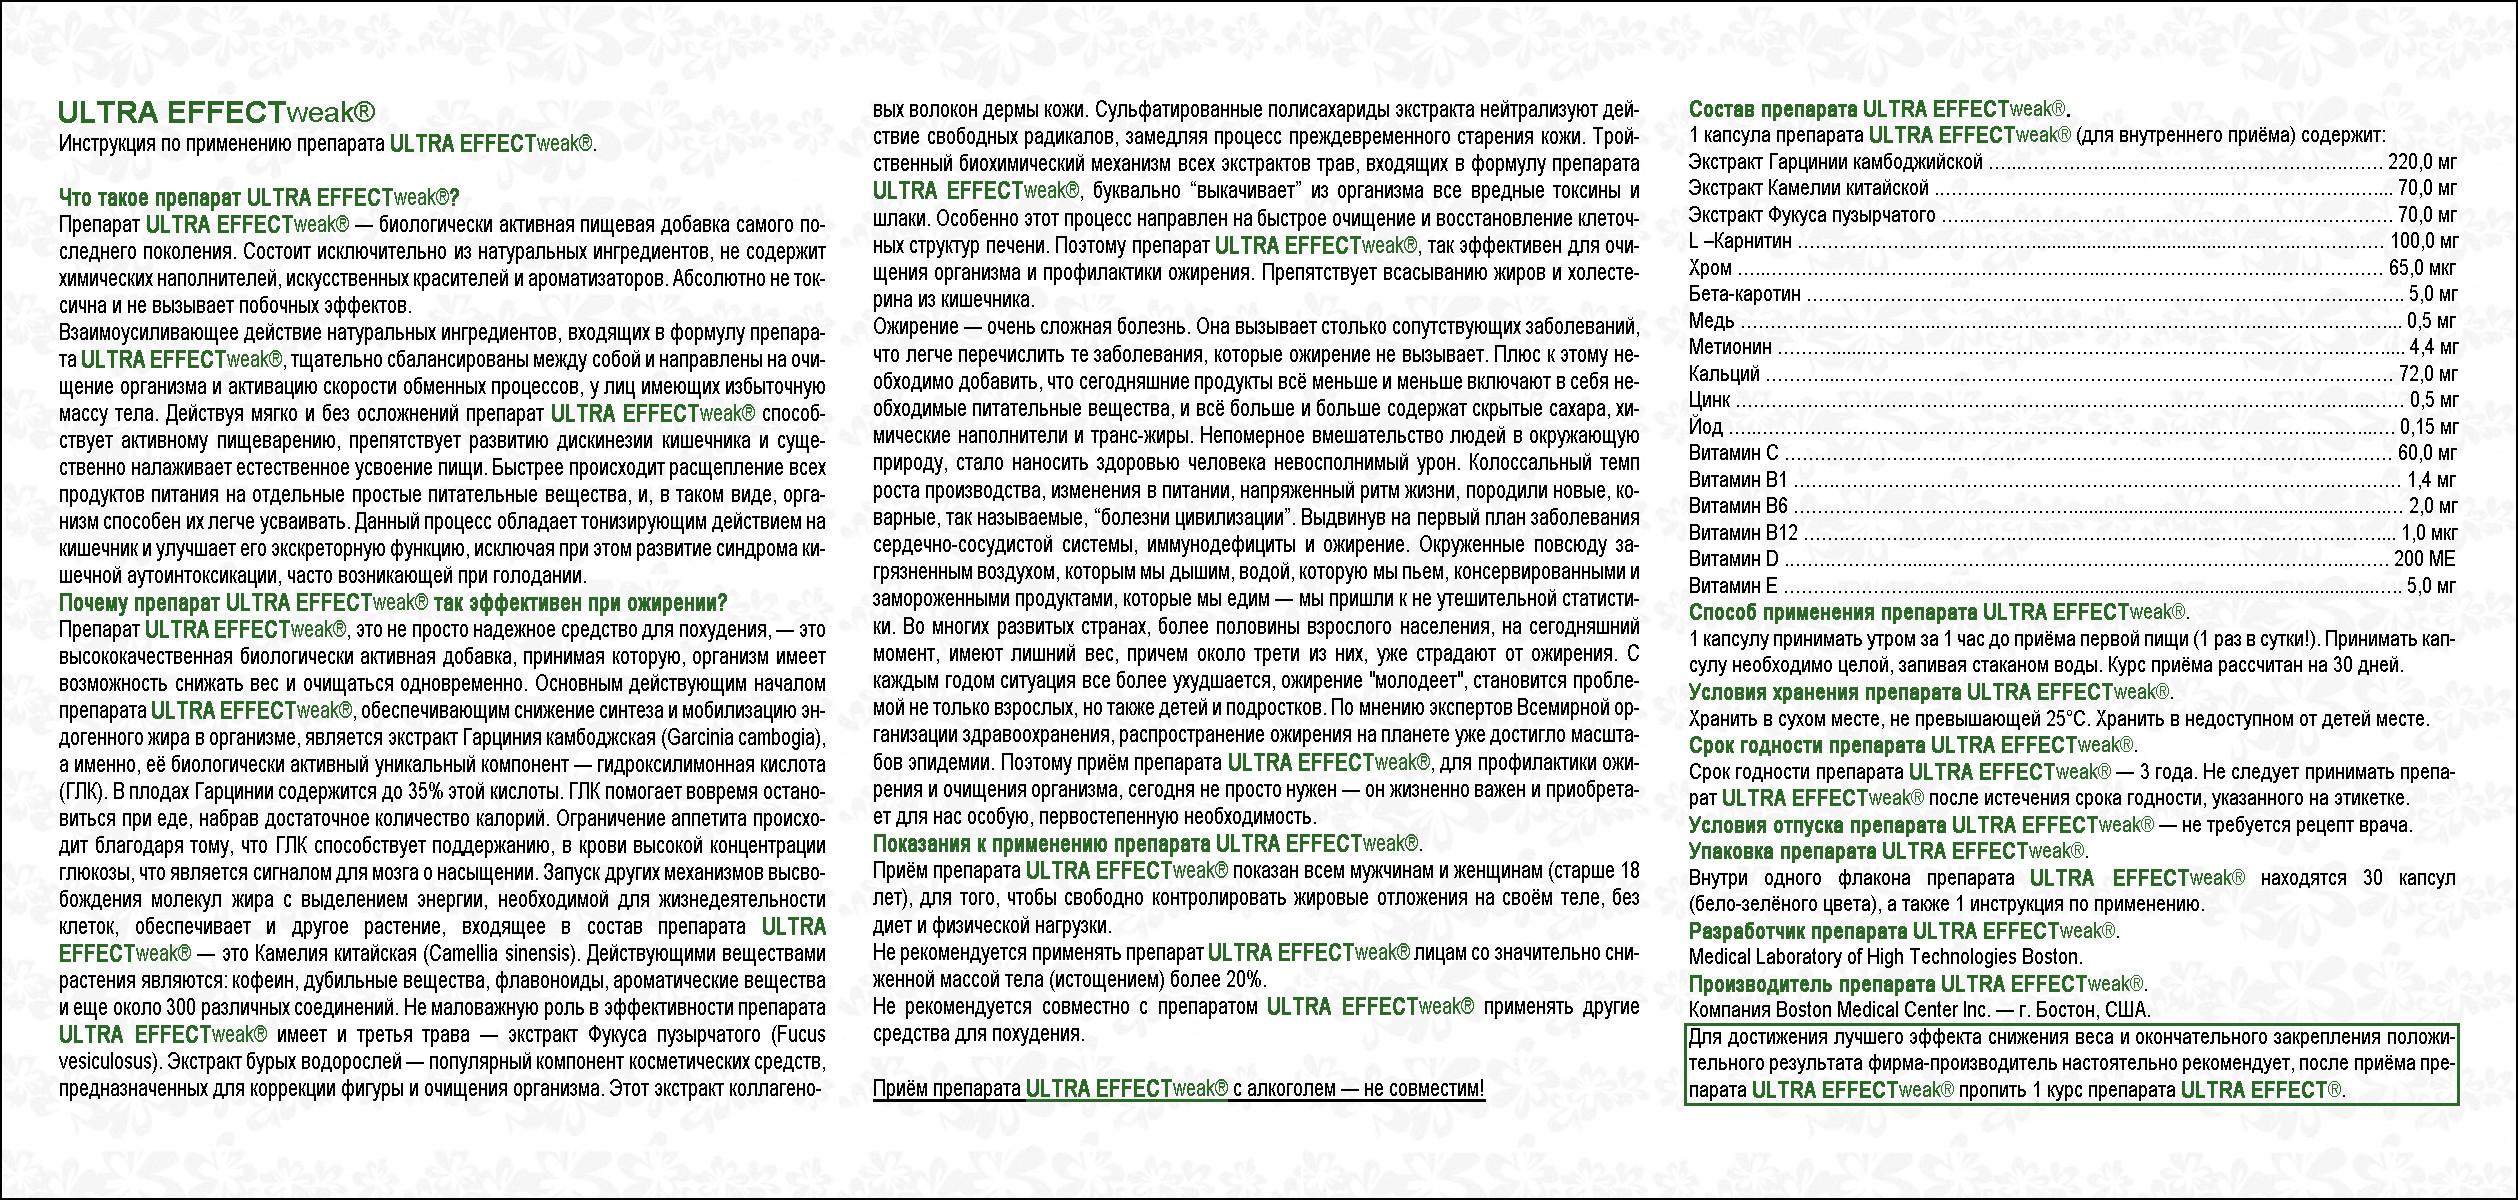 Астмопент - инструкция по применению, цена, аналоги, дозировка для взрослых и детей